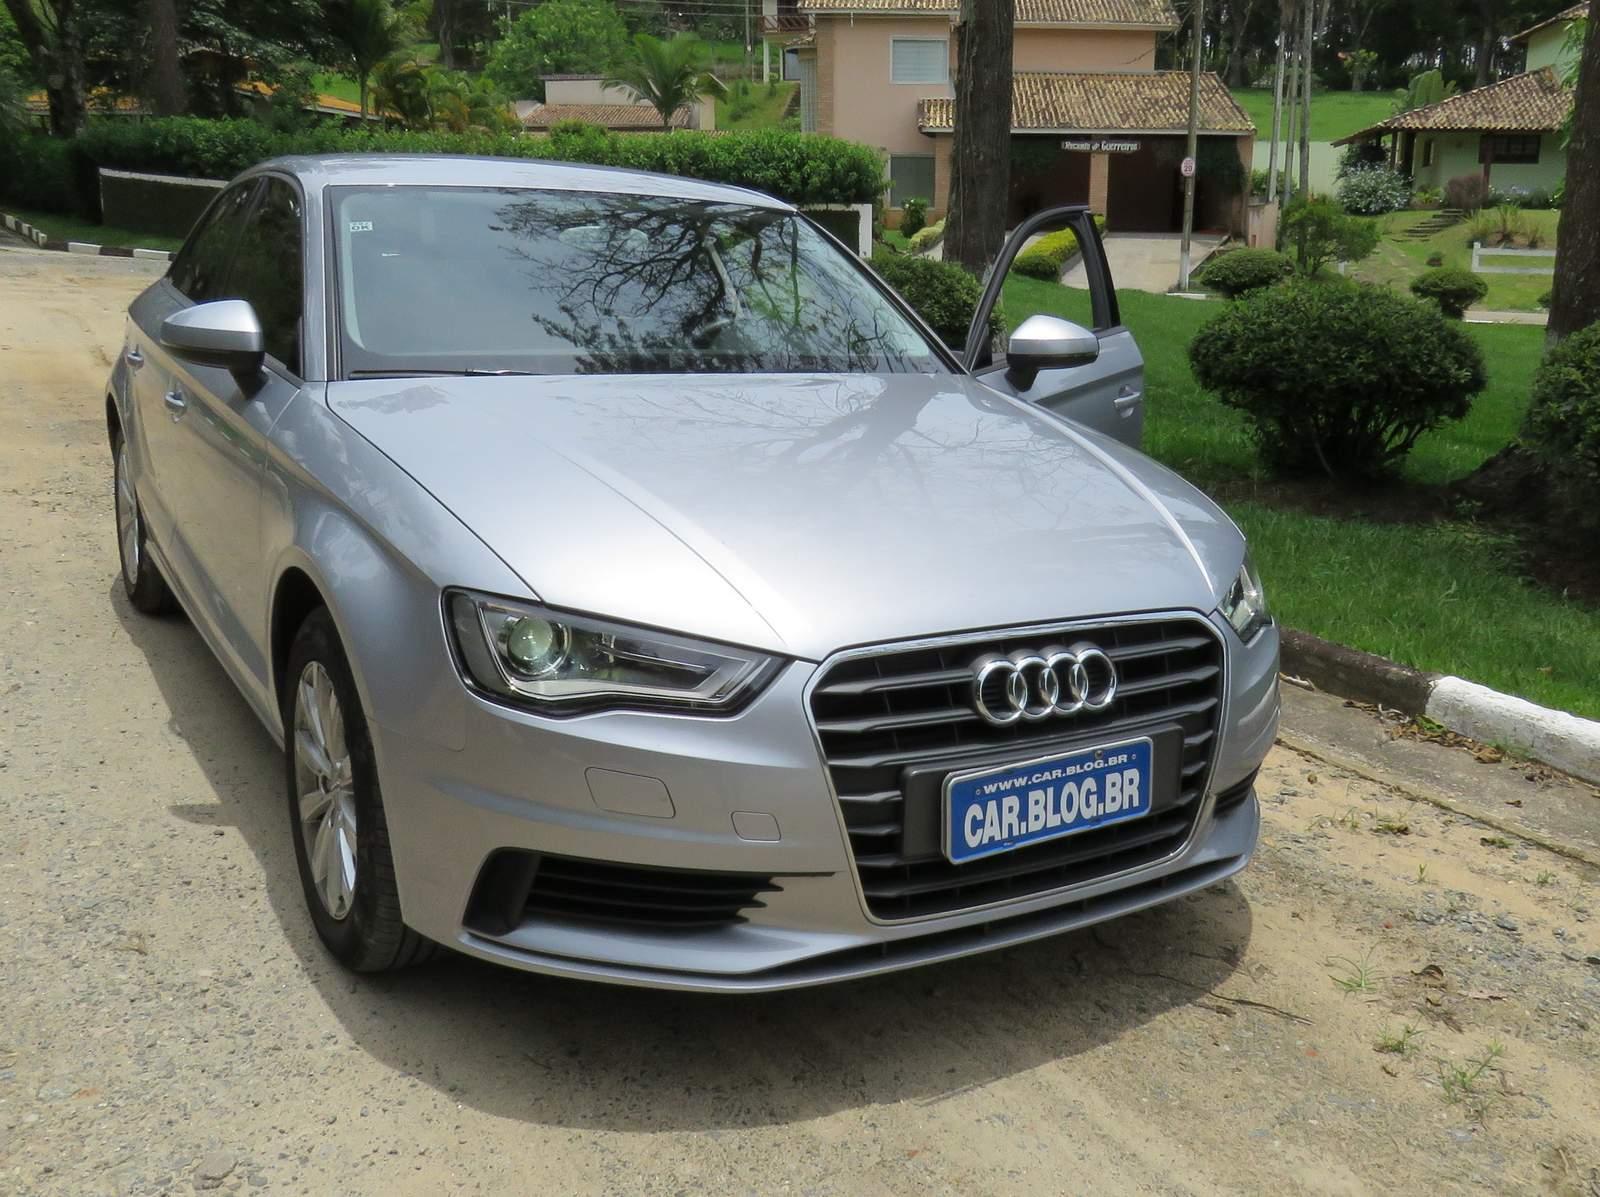 Audi A3 1.4 2015 - preço